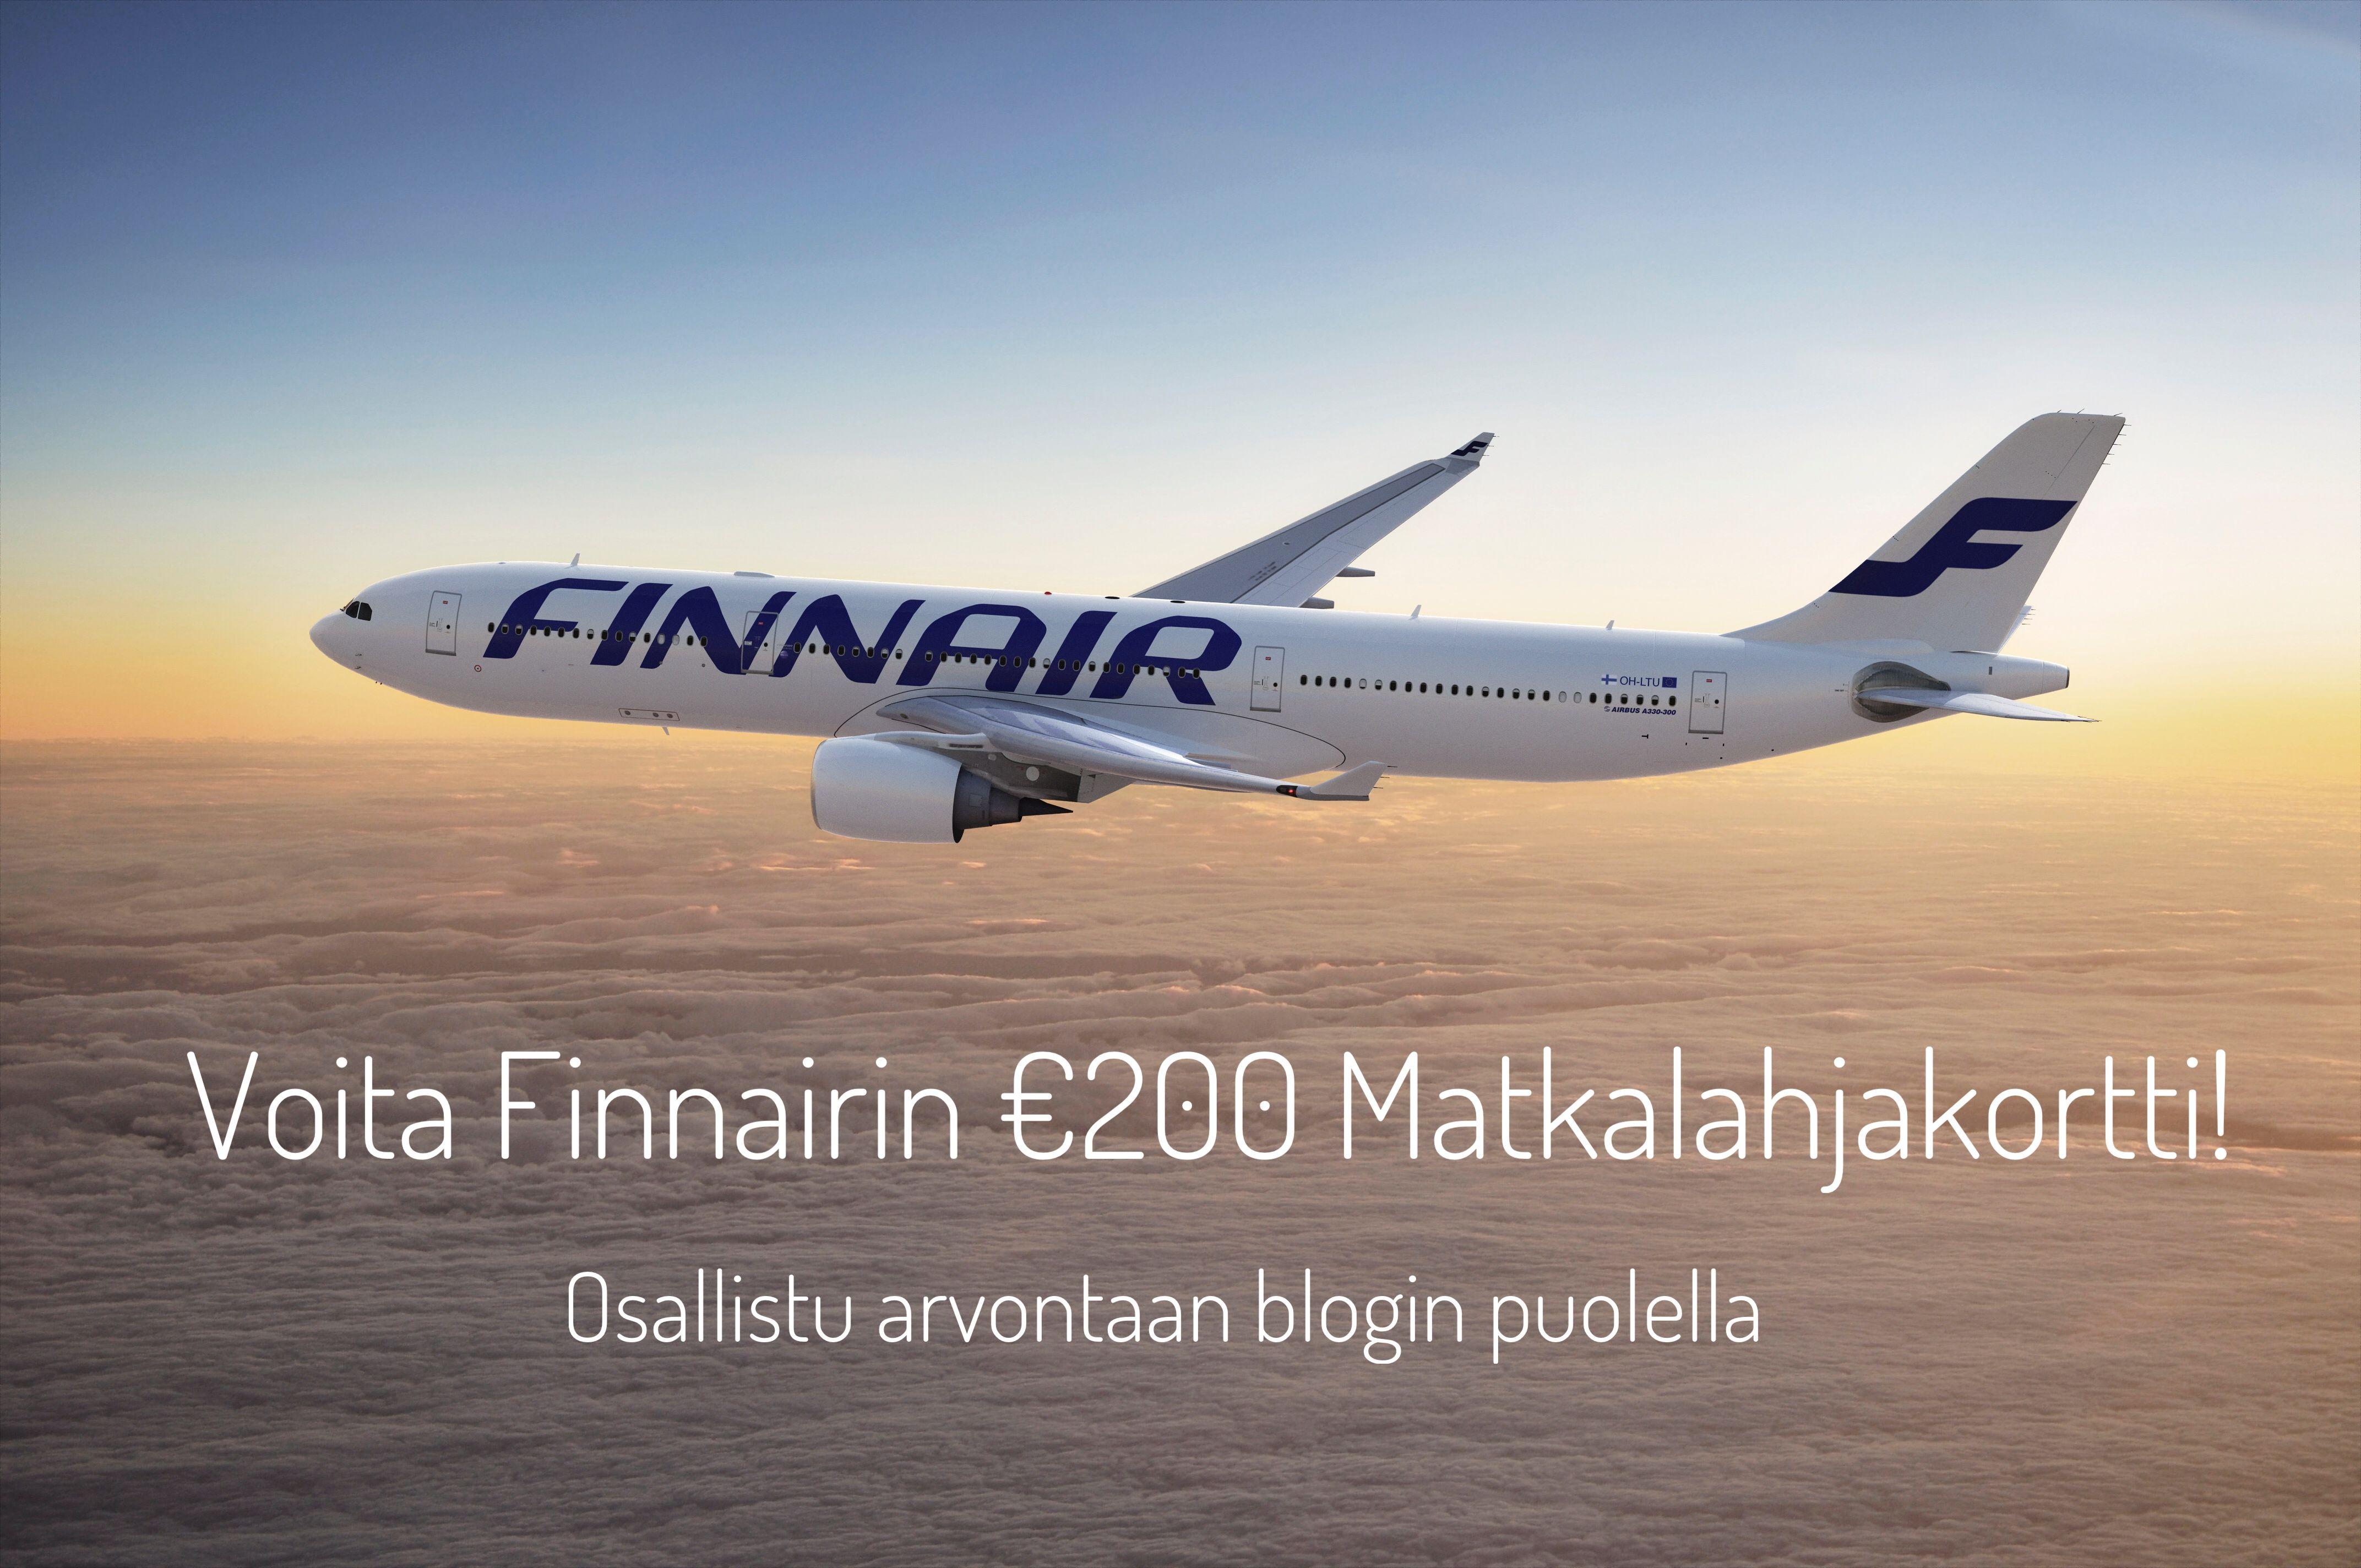 Minulla on ollut onni matkustaa viime vuosina maailman eri kolkkiin ja olen jakanut kokemuksiani blogin puolella jo lähes vuoden ajan. Kiitoksena kuluneesta vuodesta olen valinnut arvottavaksi erityisen lahjan yhdelle teistä ja se jotain mitä haluaisin itsekin saada - toivottavasti meillä on samanlainen maku :)  Käy osallistumassa Finnairin € 200 Matkalahjakortin arvontaan blogin puolella 😃 http://wp.me/p7tkPw-2XG